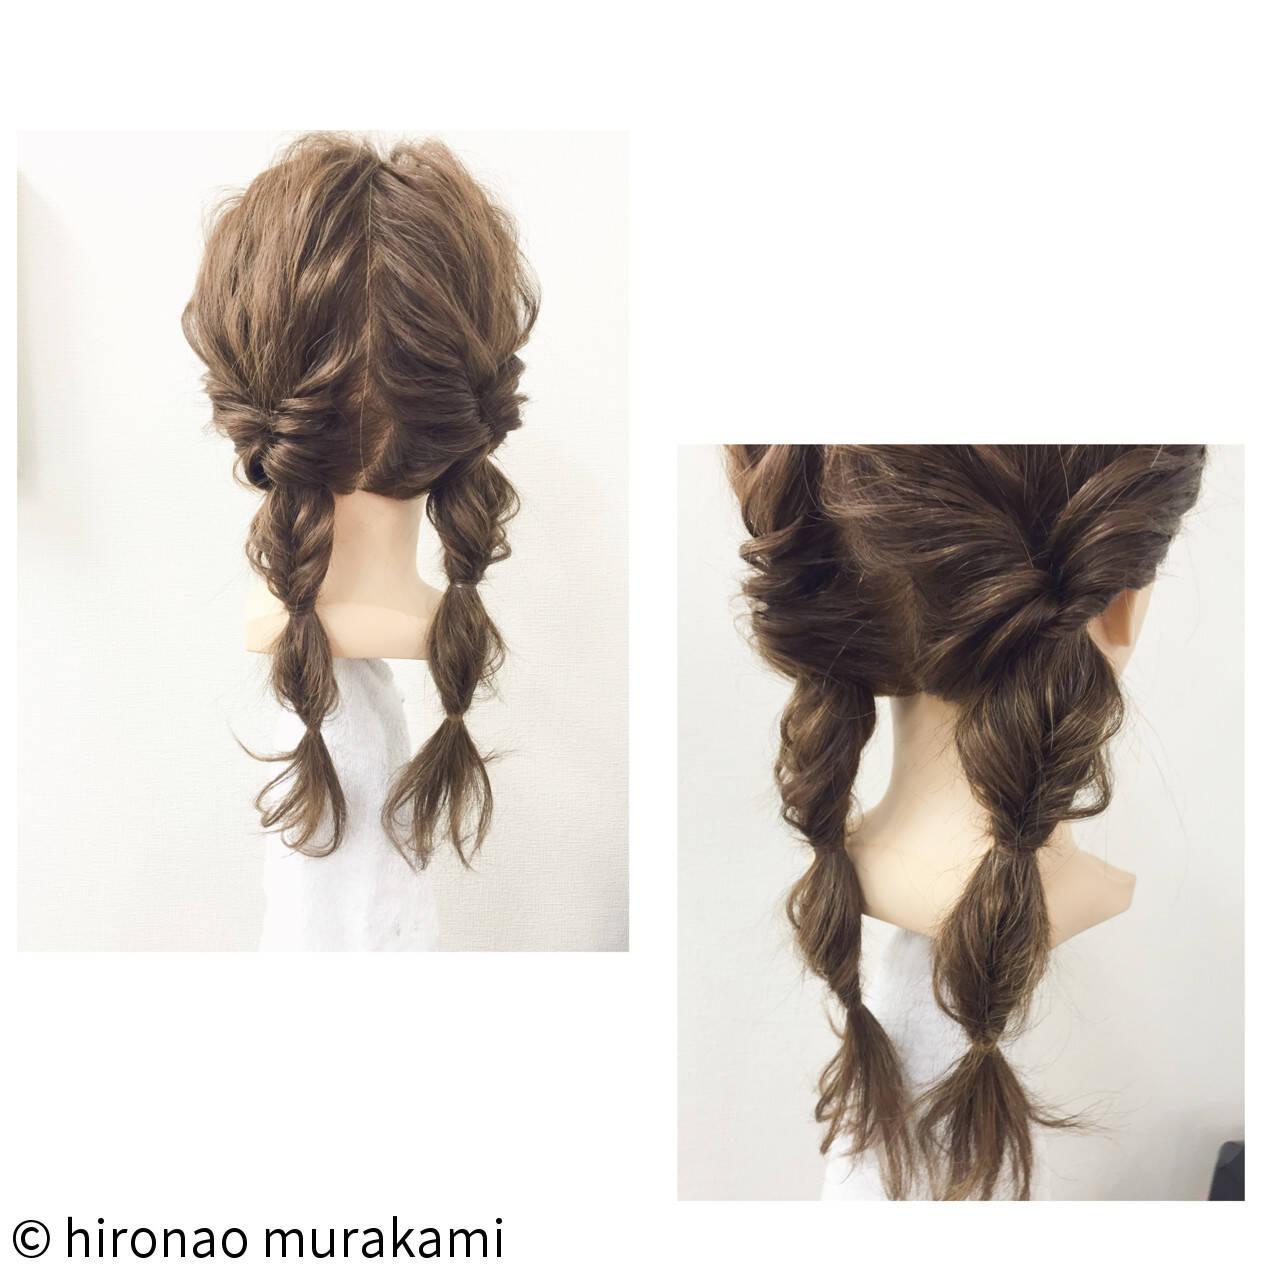 ロング ショート フェミニン 簡単ヘアアレンジヘアスタイルや髪型の写真・画像